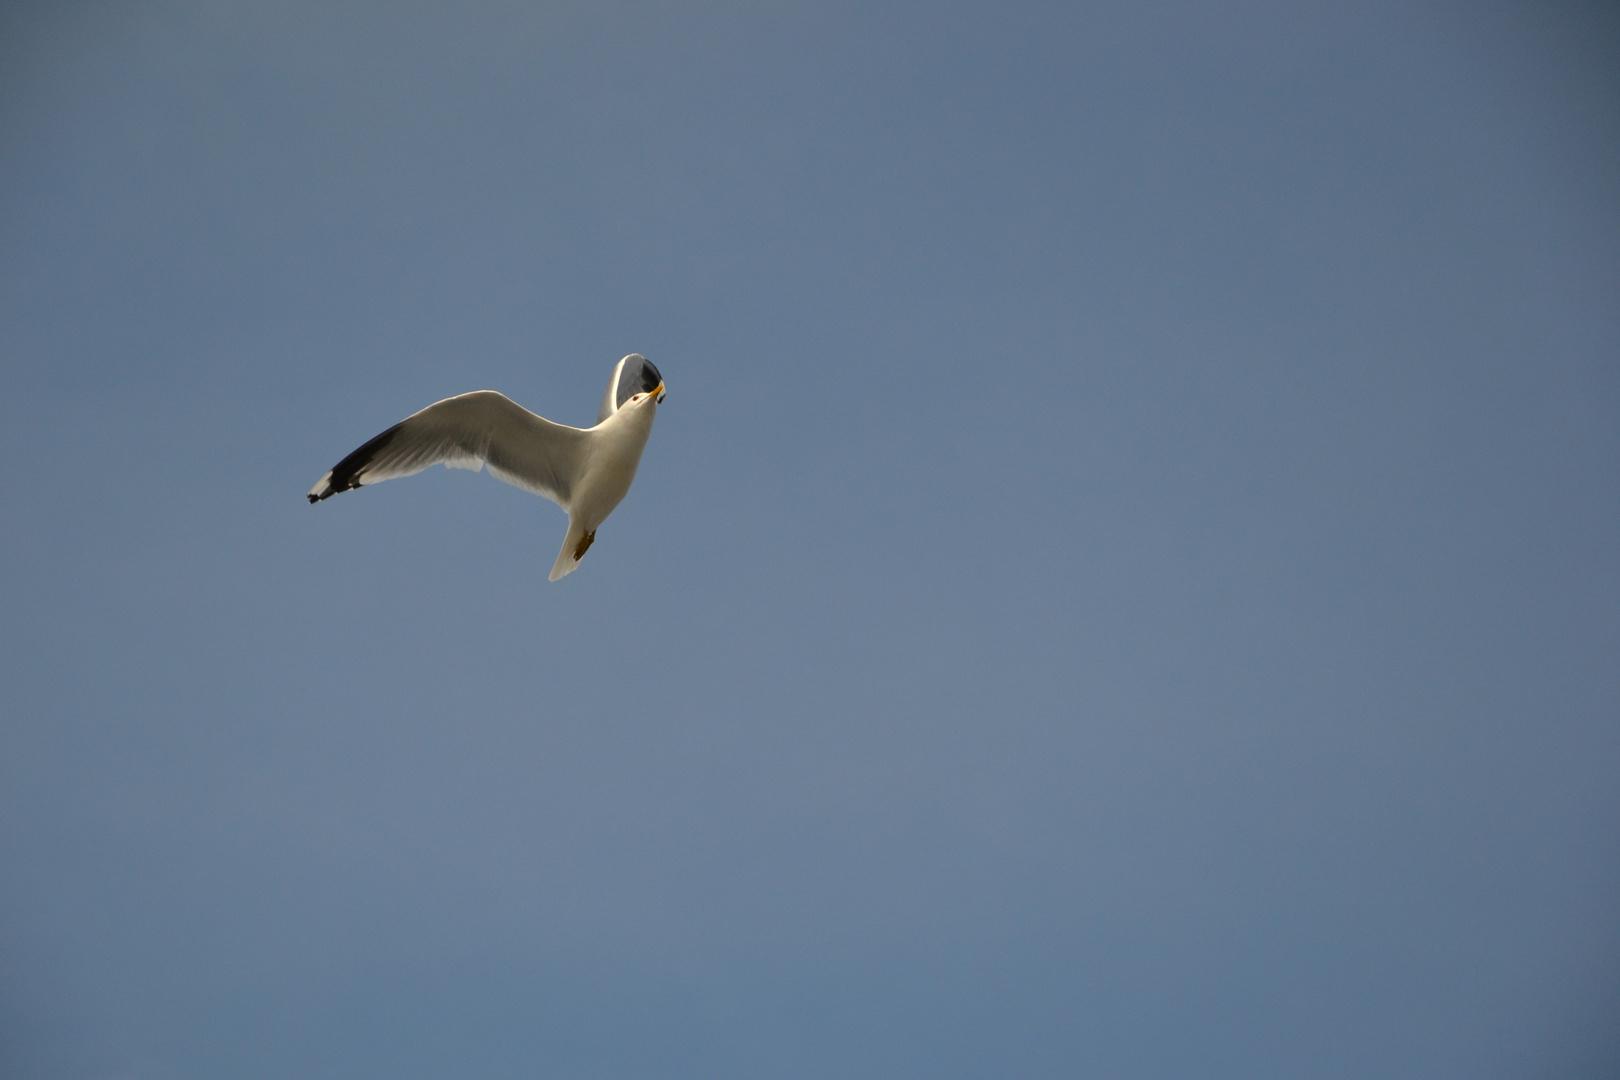 Die wahre Freiheit haben nur die Vögel